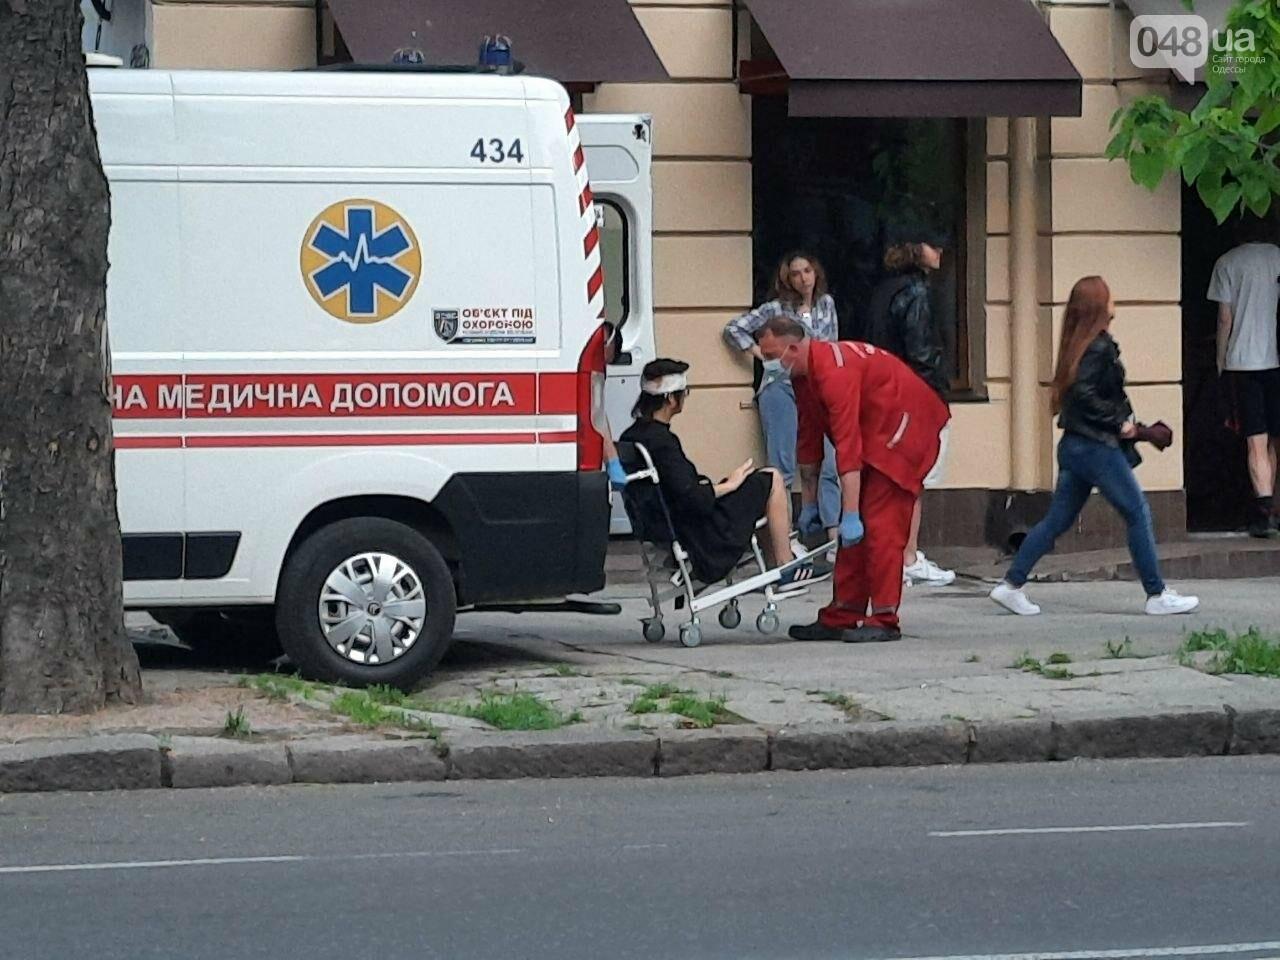 Разбила голову: в центре Одессы девушка упала с электросамоката, - ФОТО, фото-7